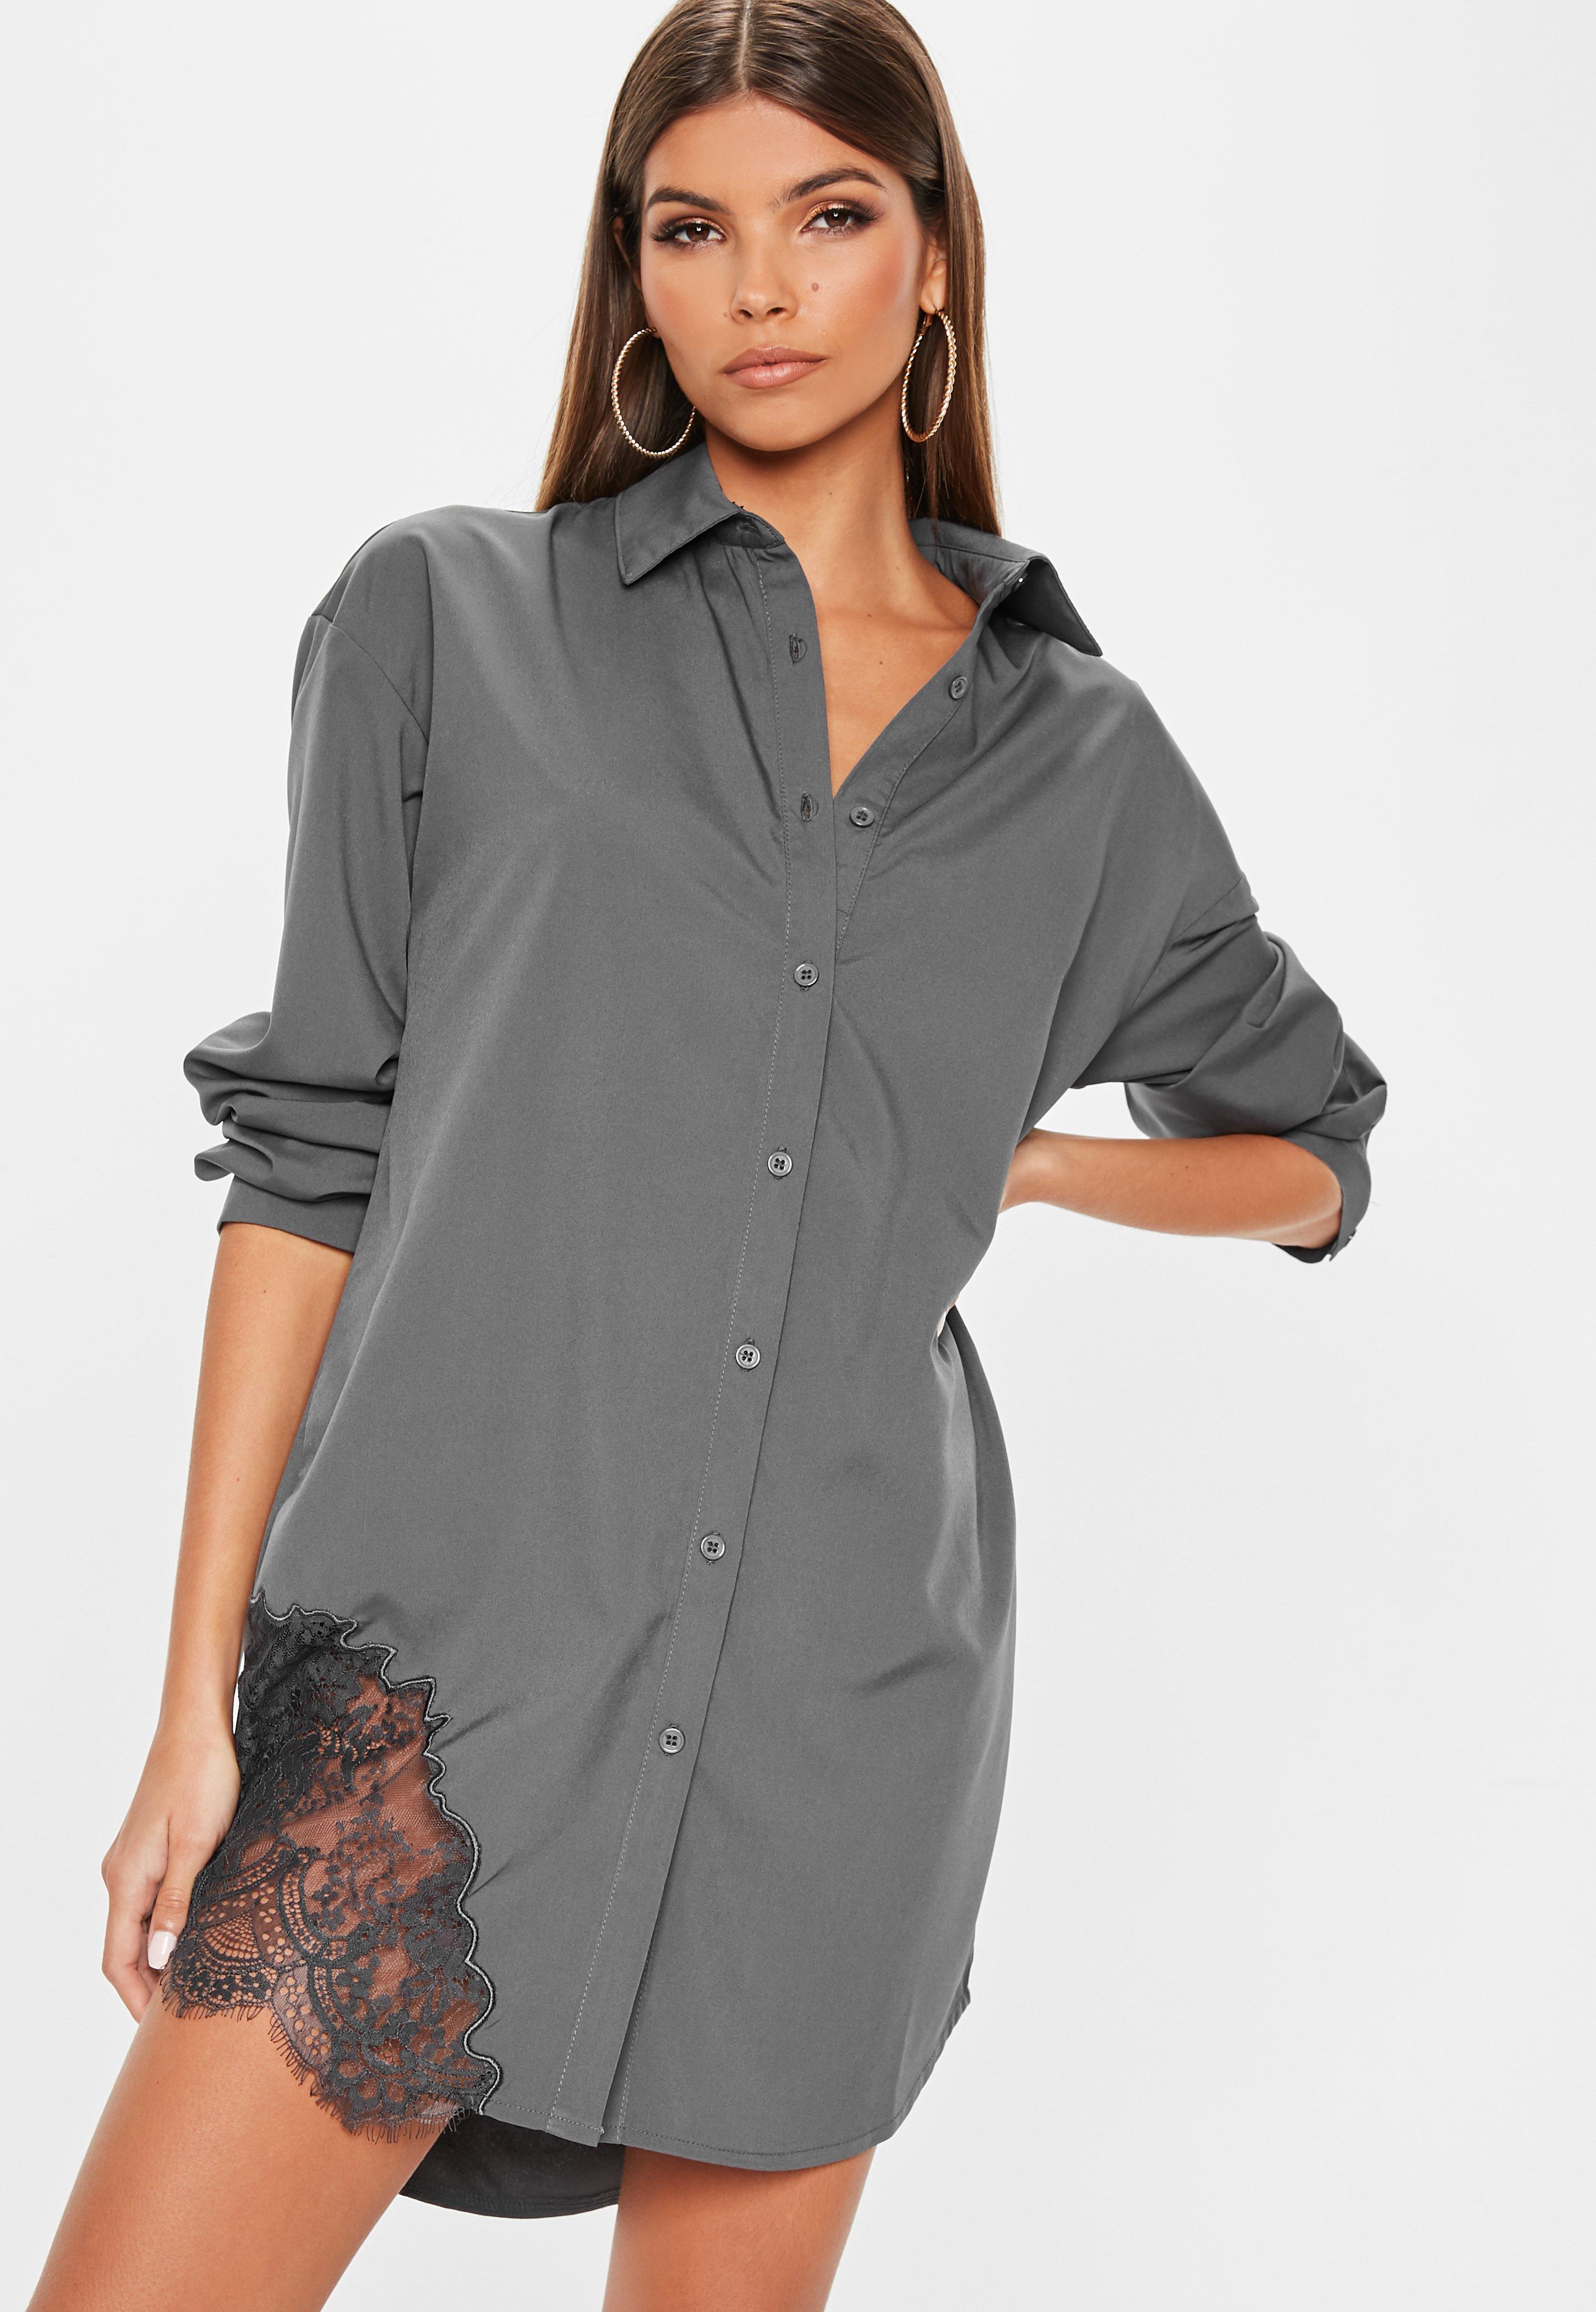 4d57d0c2a4f Grey Lace Trim Shirt Dress